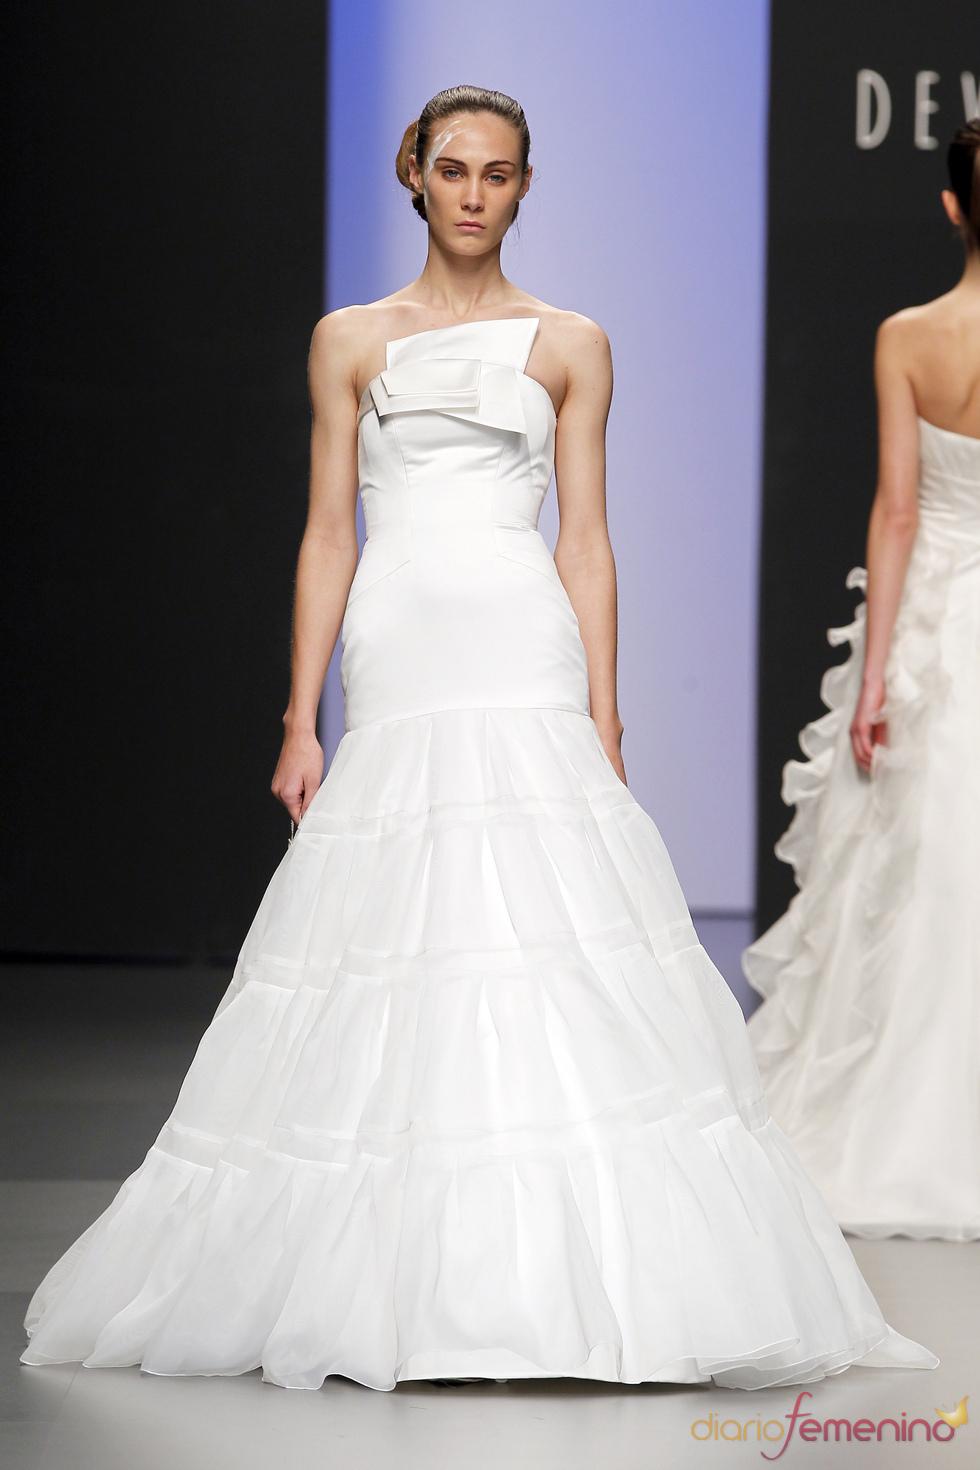 La novia de 2011, según Devota&Lomba